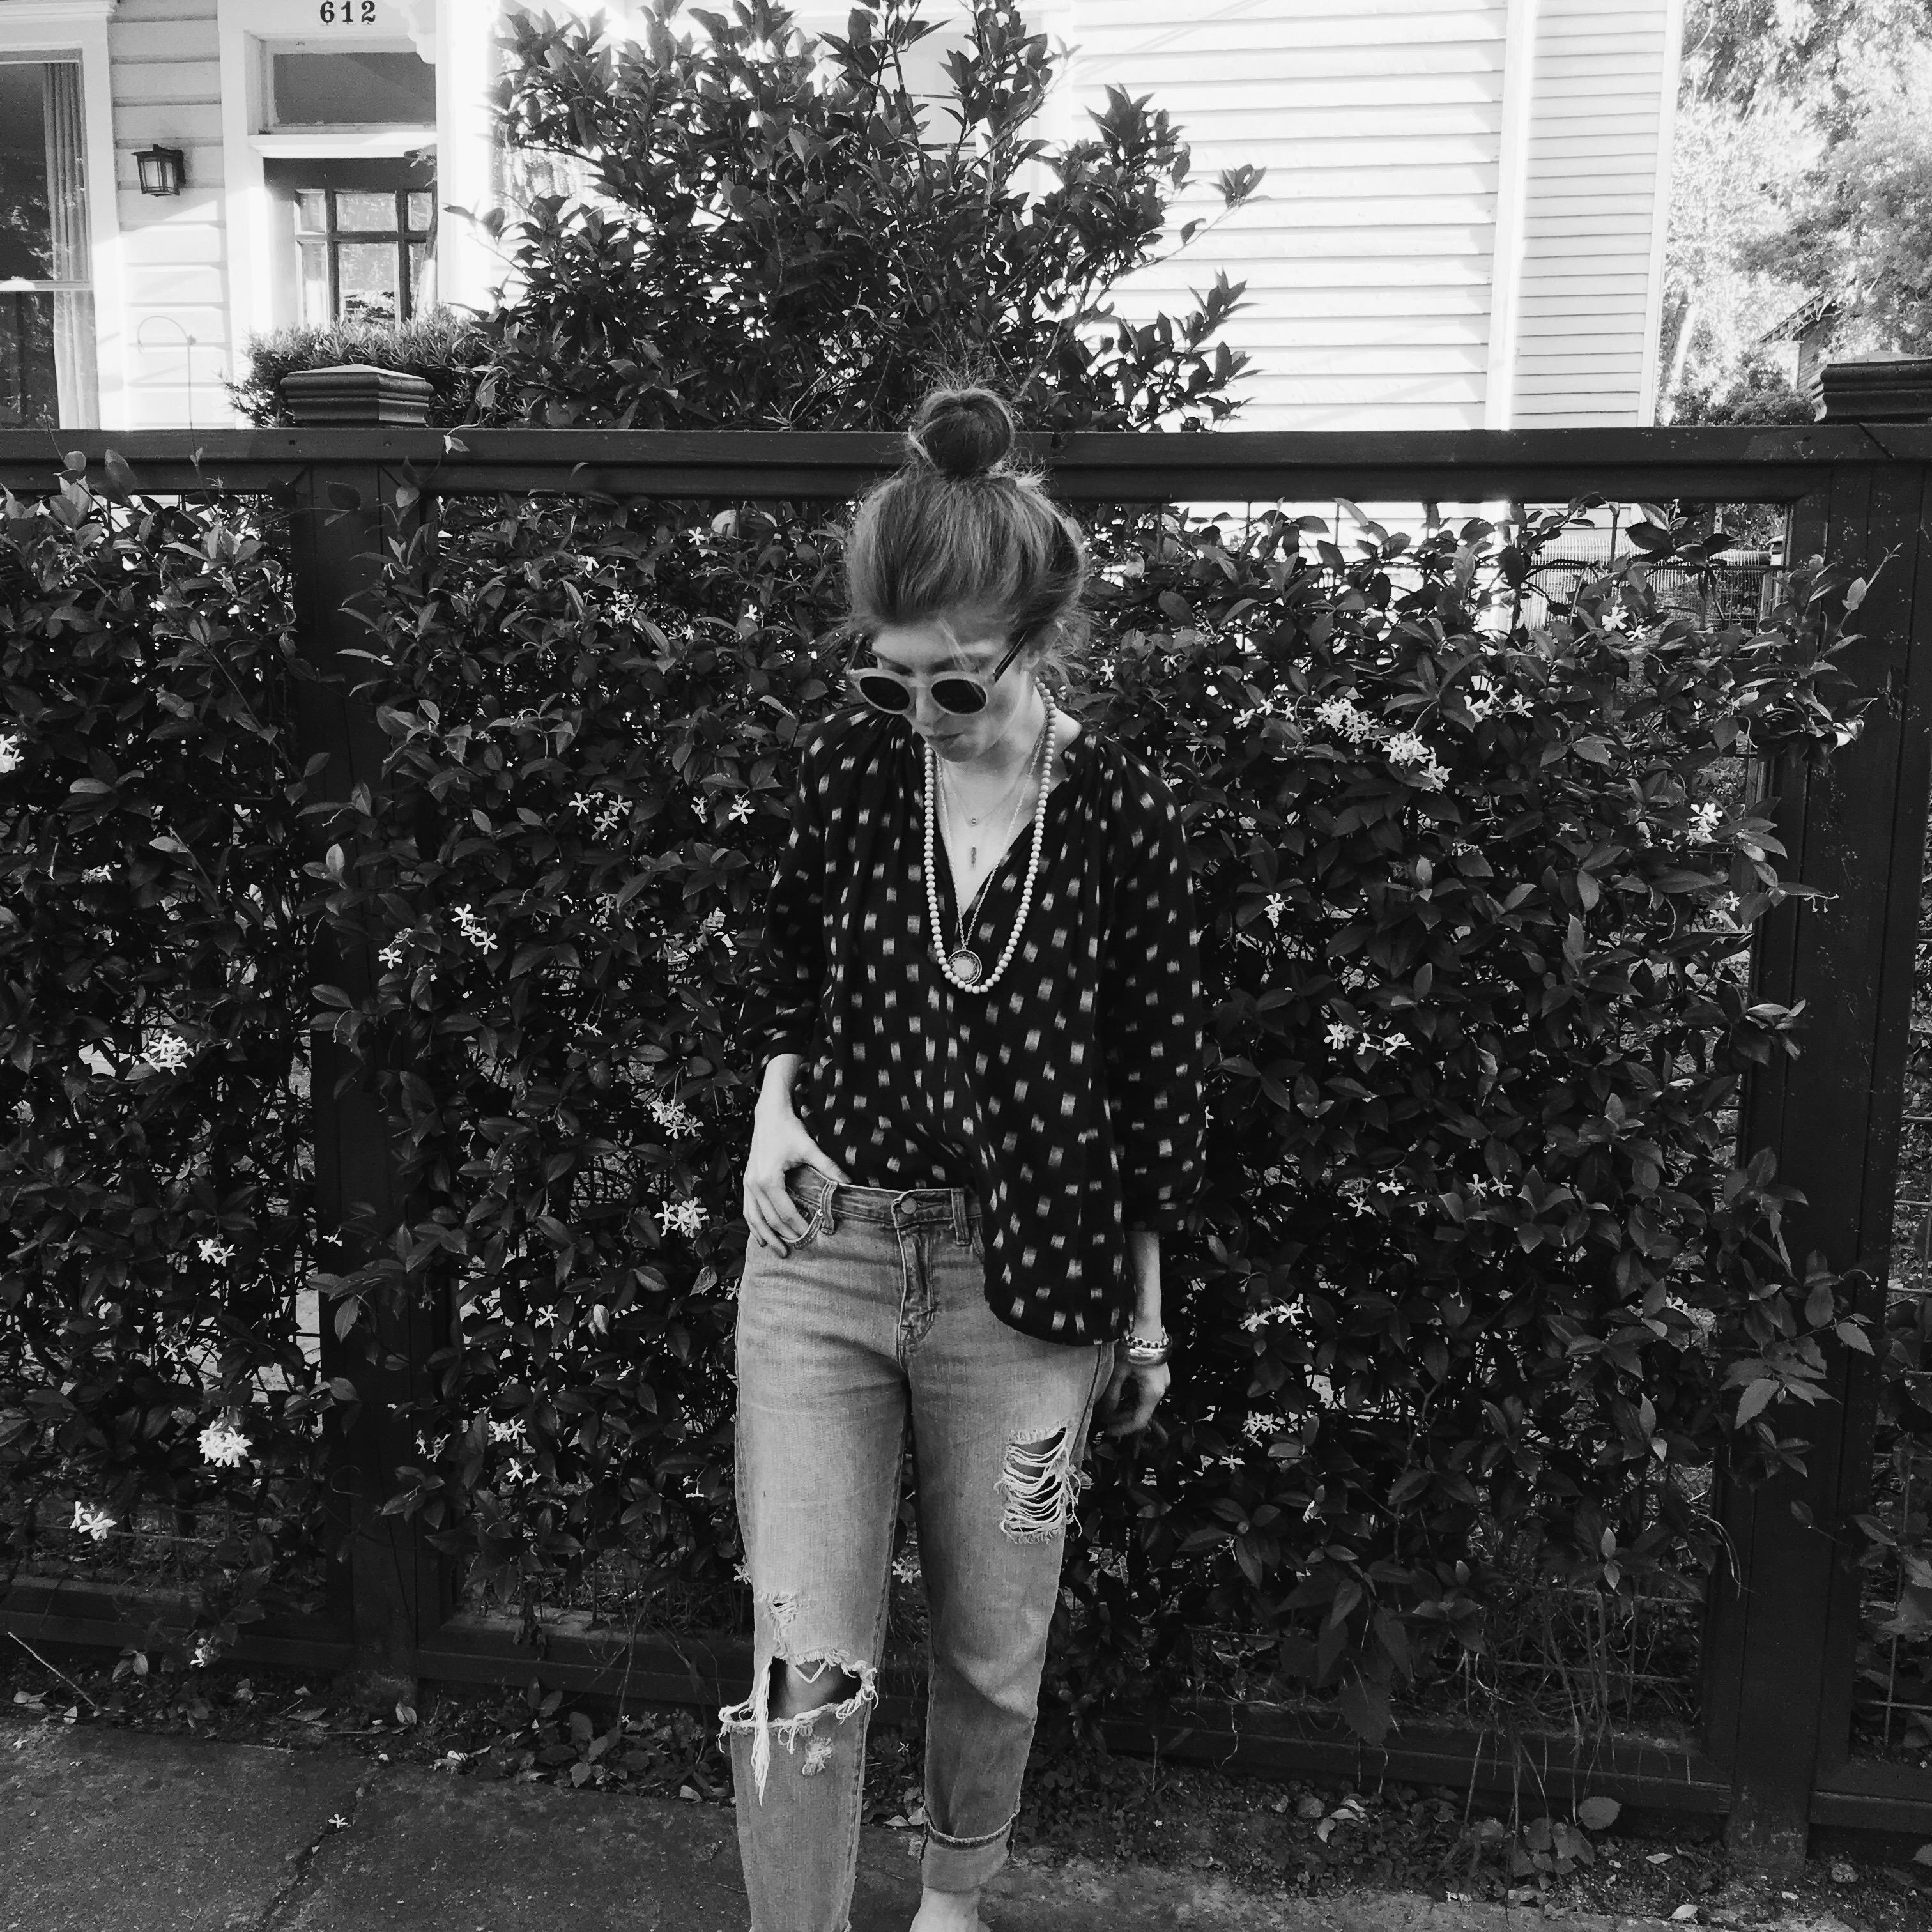 gap jeans - boyfriend jeans